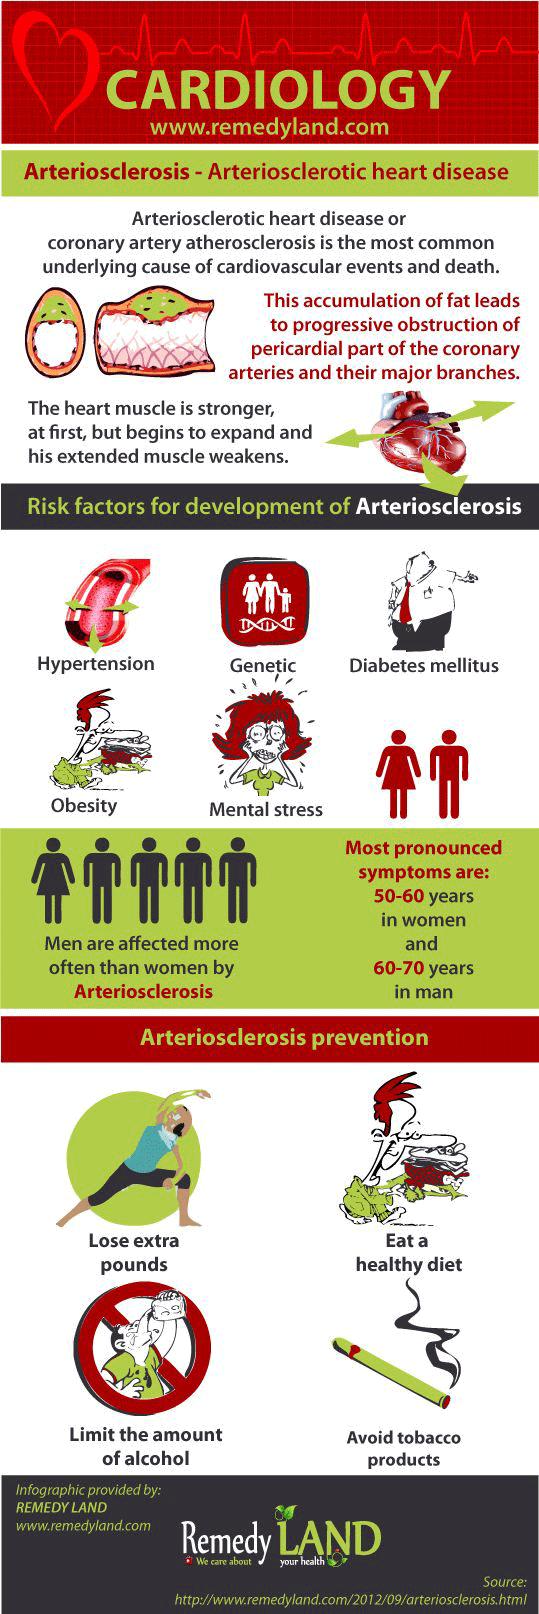 arteriosclerosis infographic